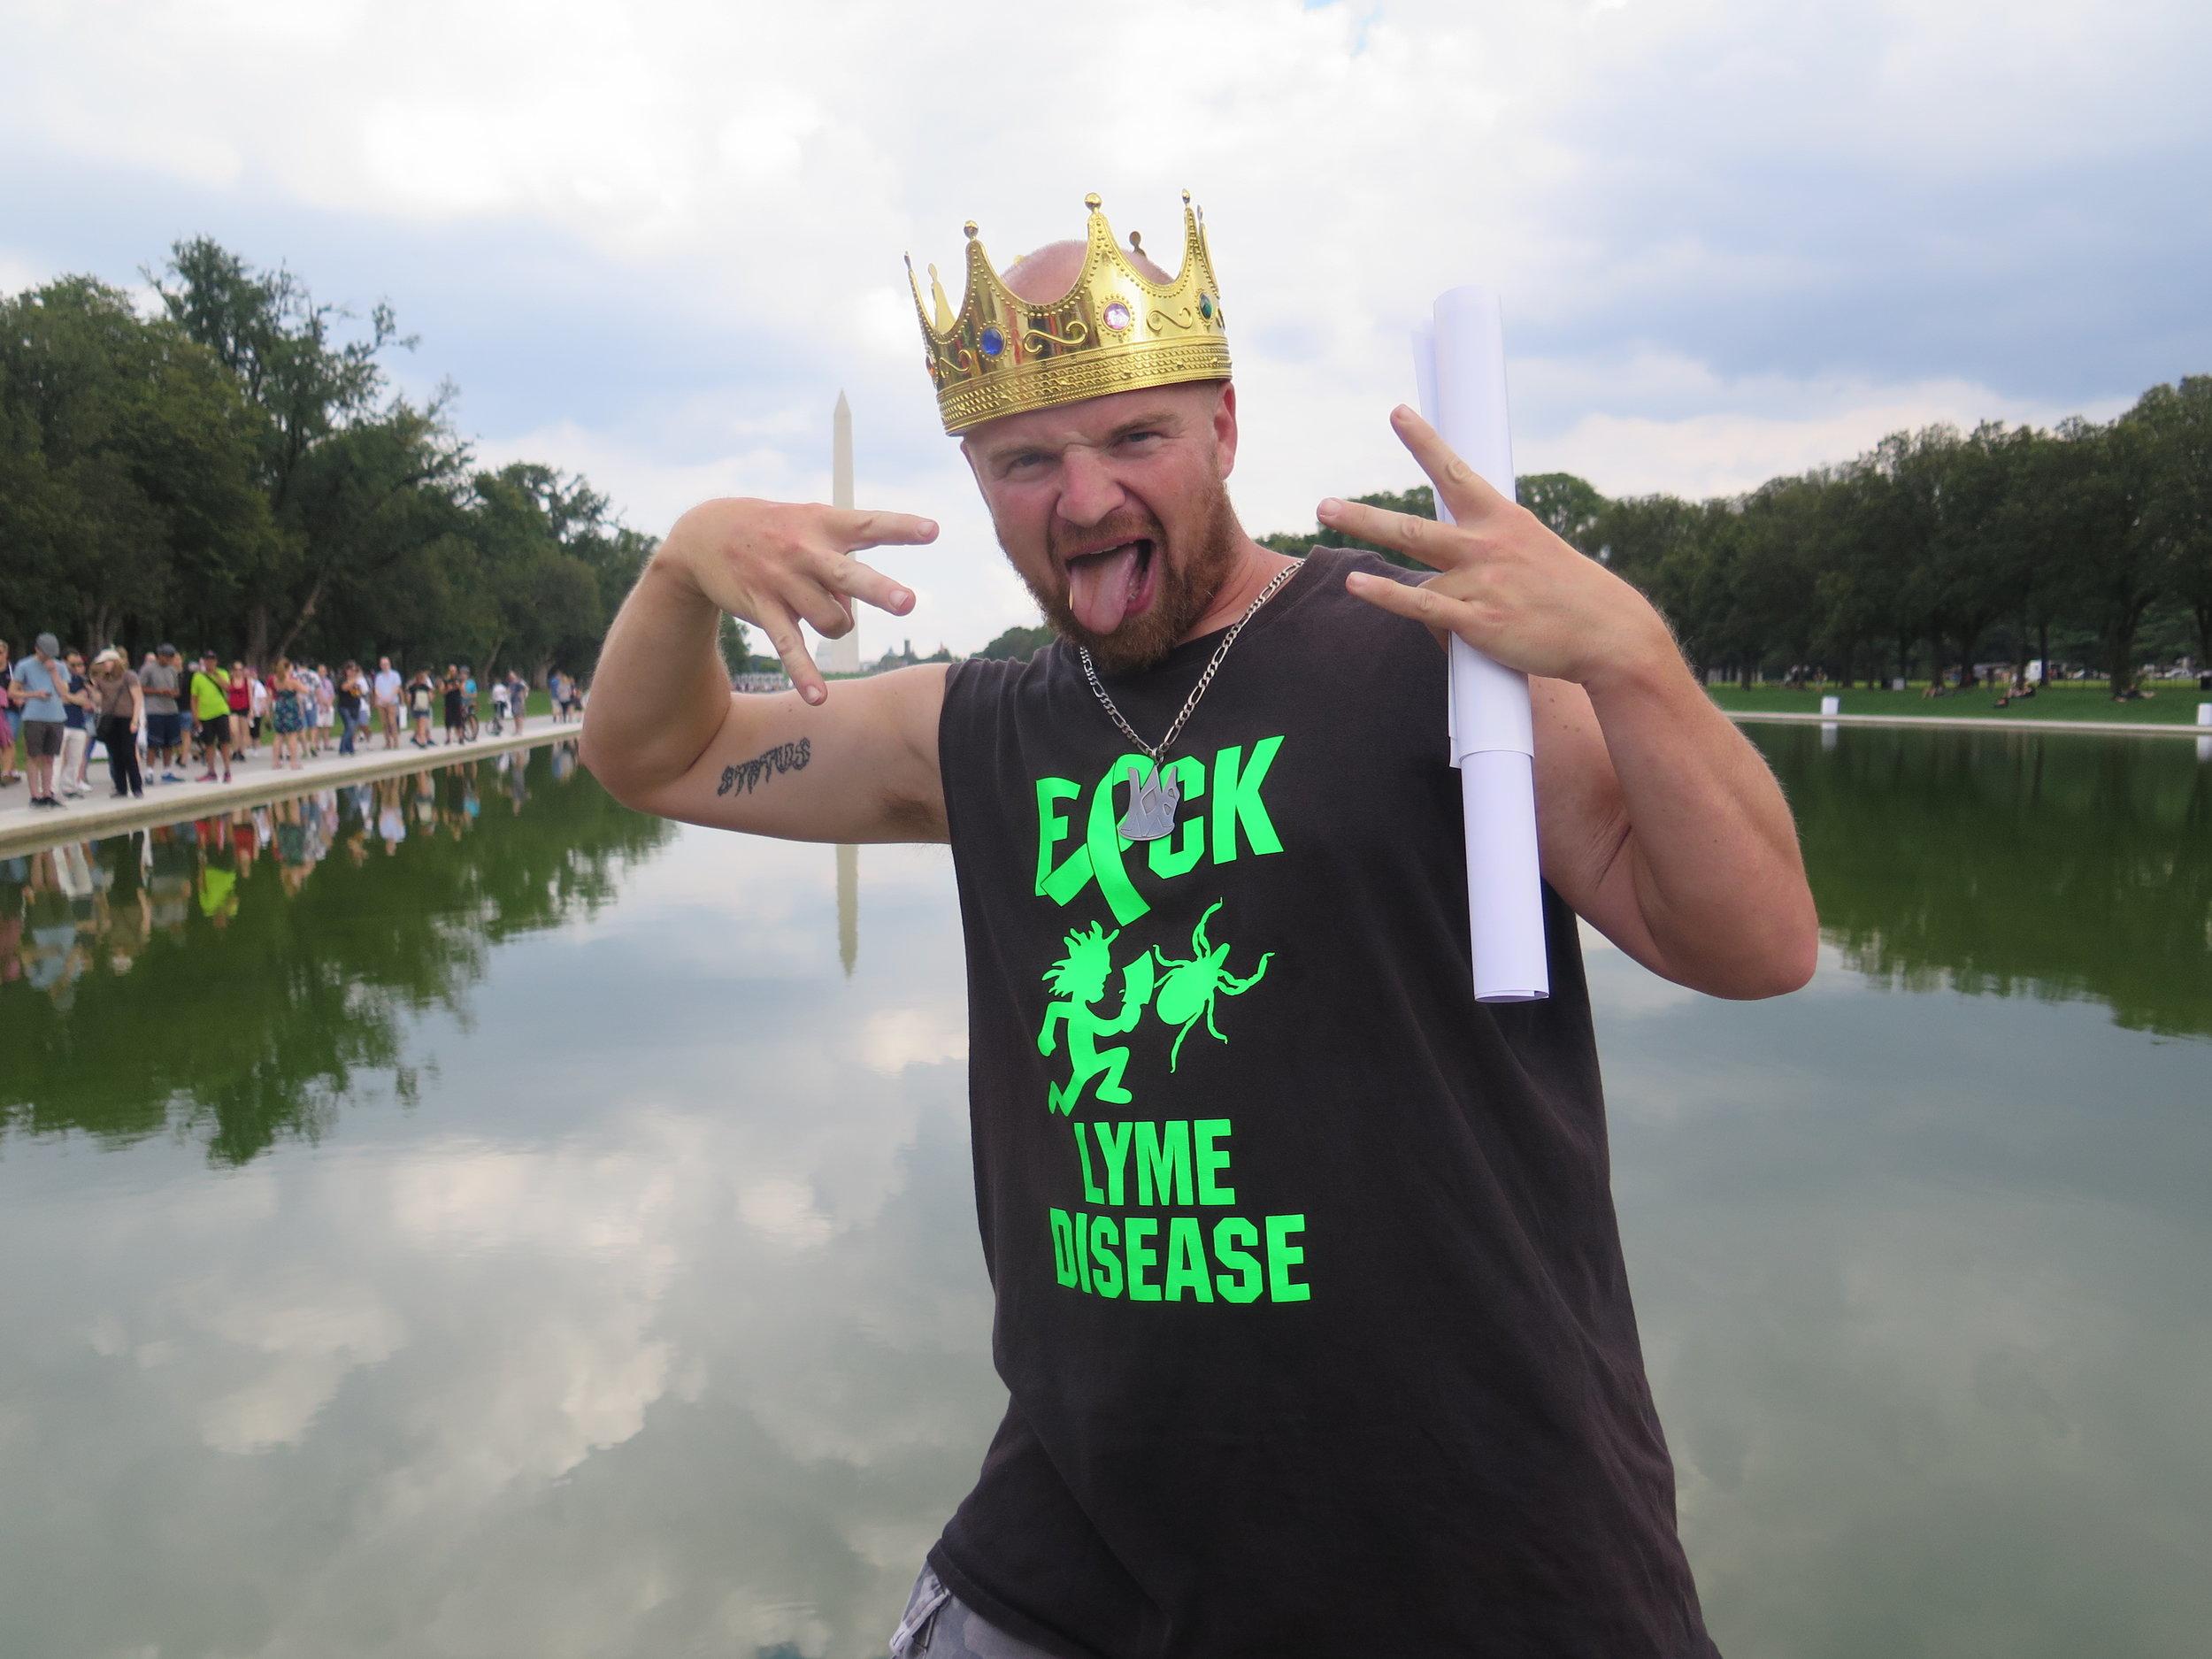 King B (  @KingOfStatusB  )from Michigan.